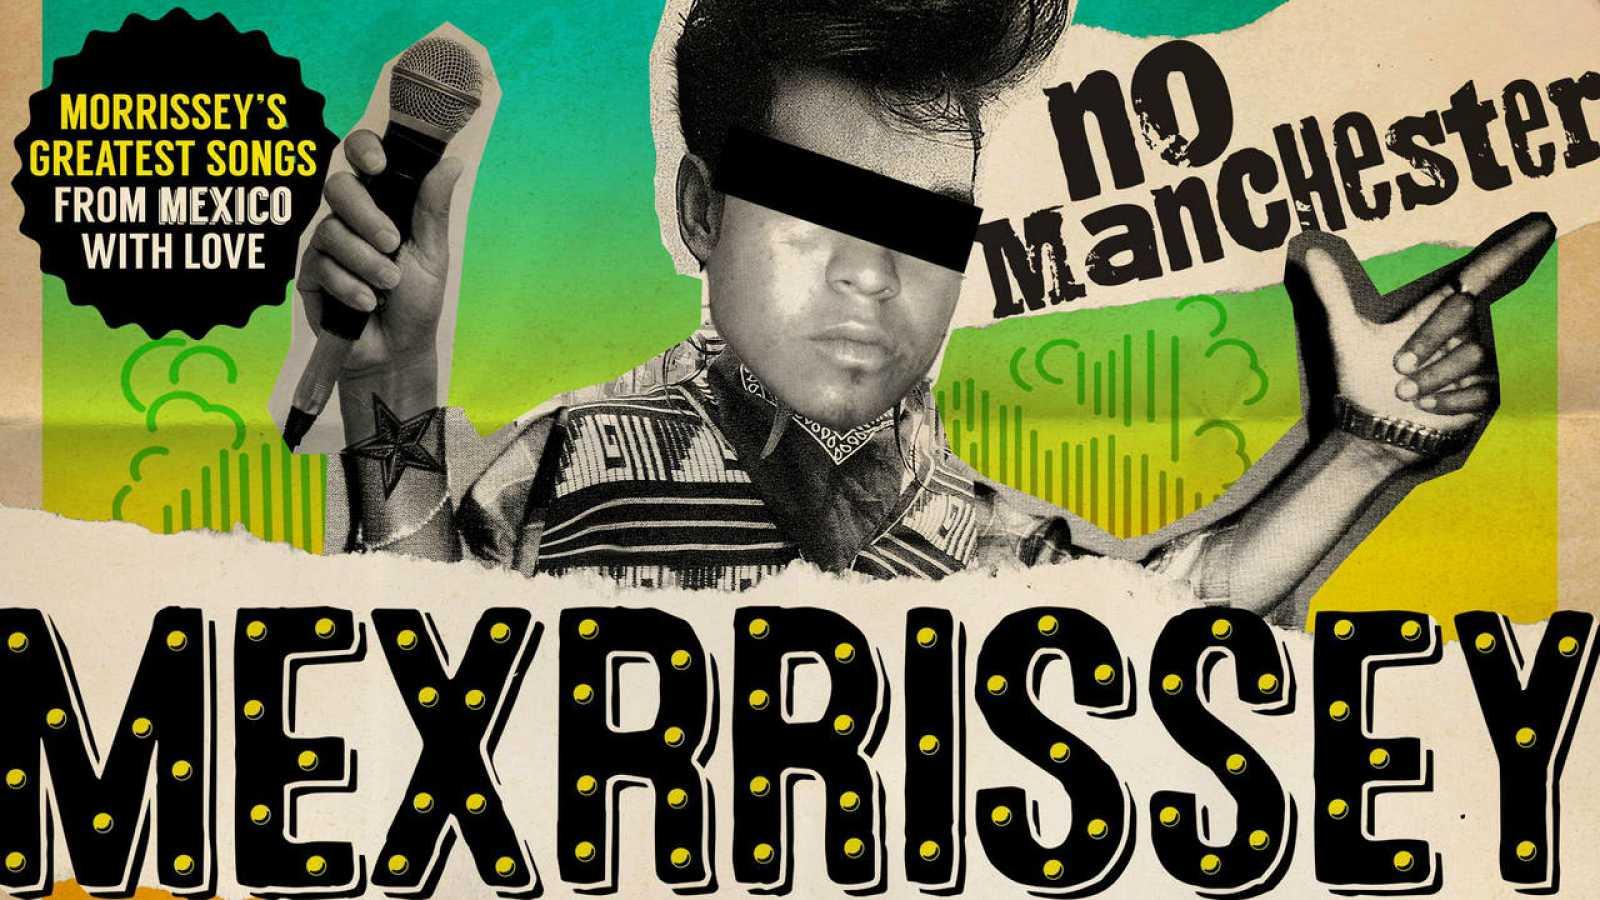 Nada de Manchester, Morrissey es ahora Mexrrissey